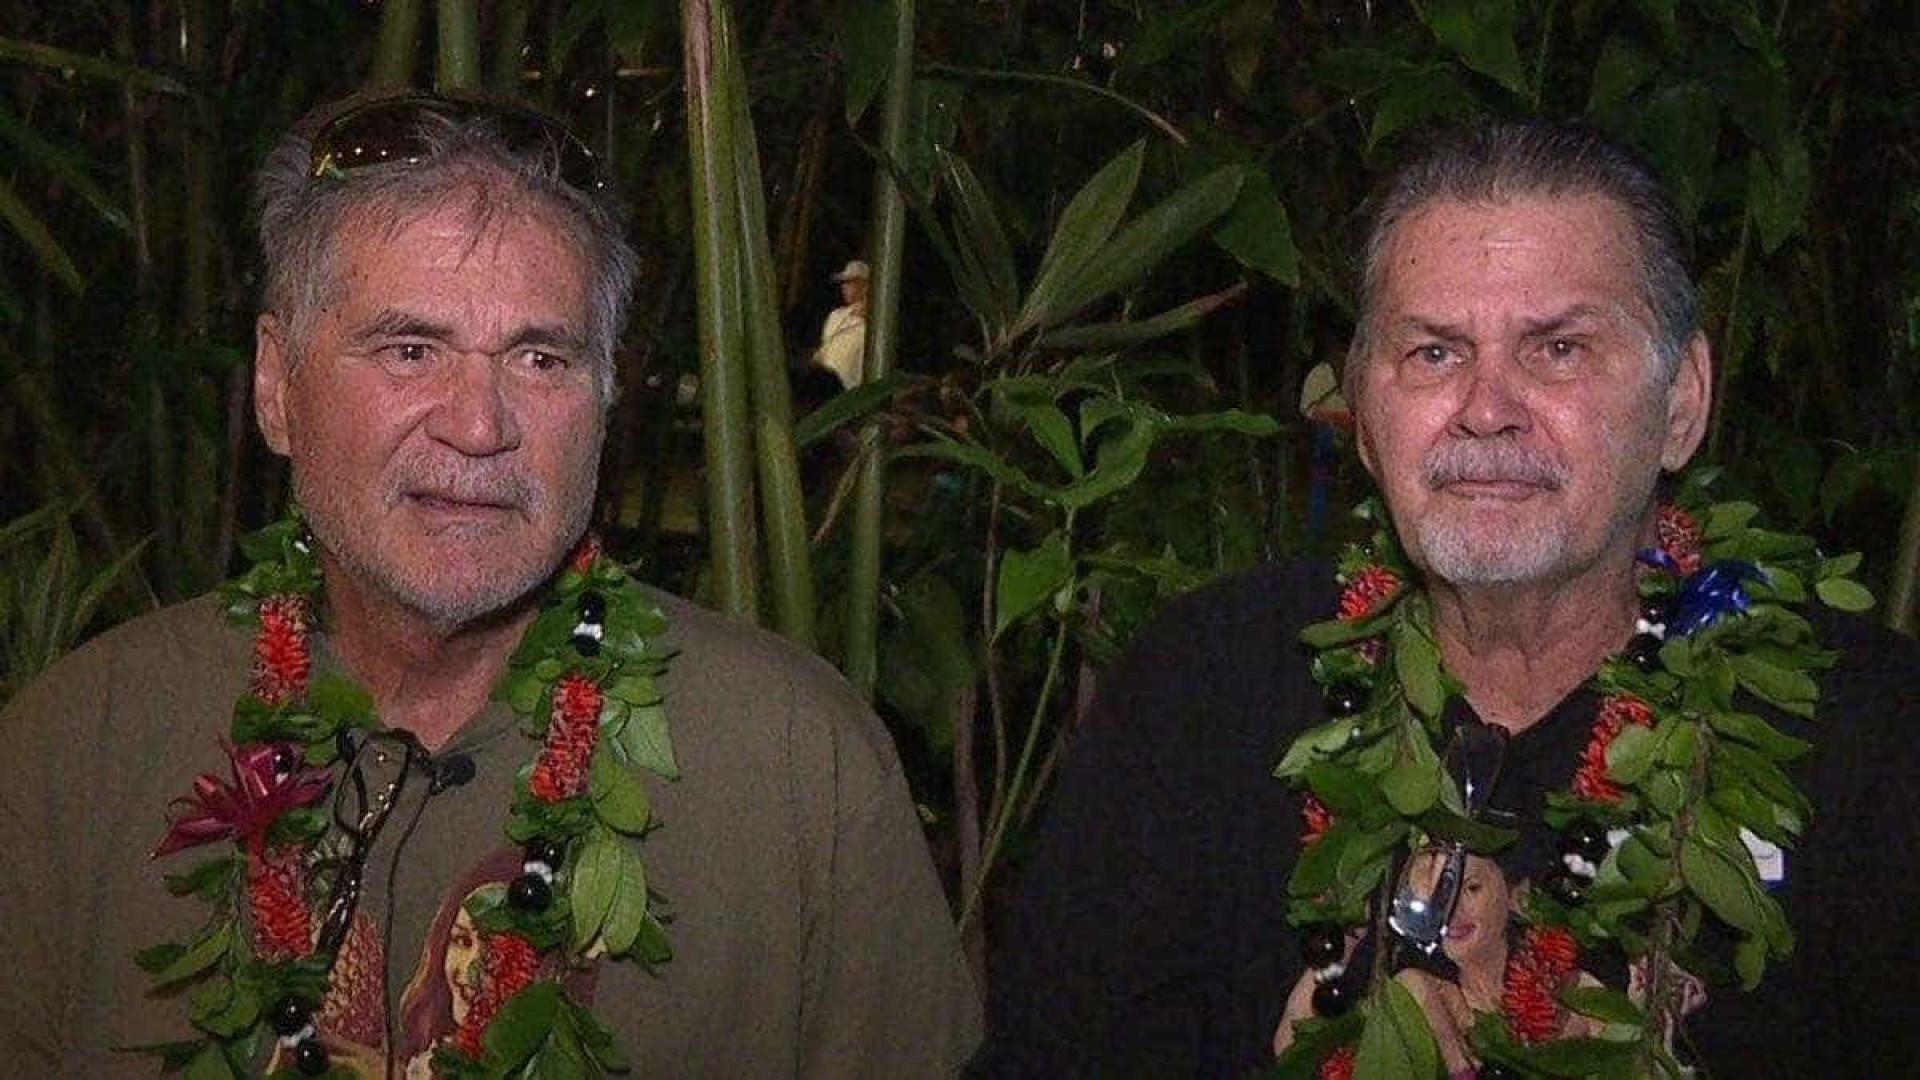 Melhores amigos descobrem, após 60 anos, que são irmãos